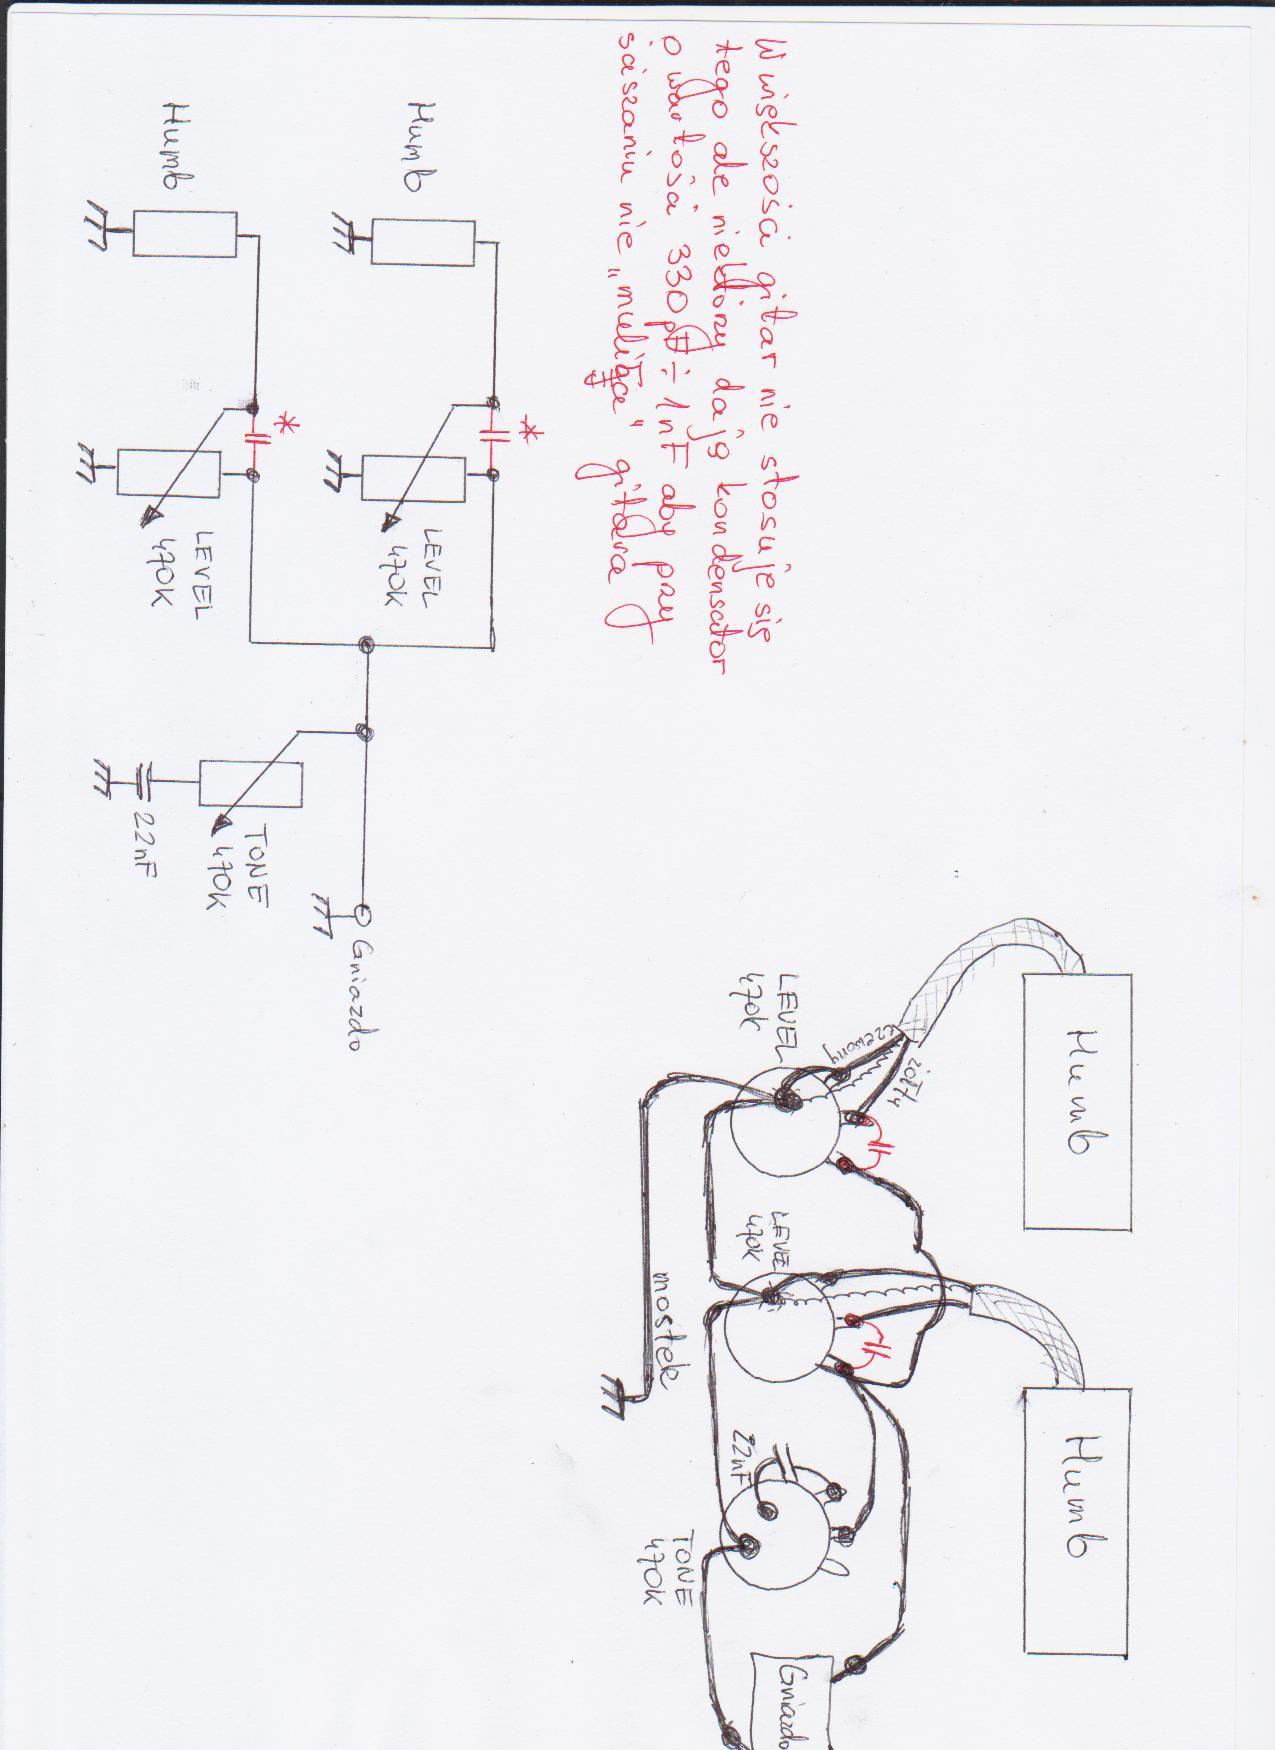 Elektronika gitary Defil tosca schemat podłączenia